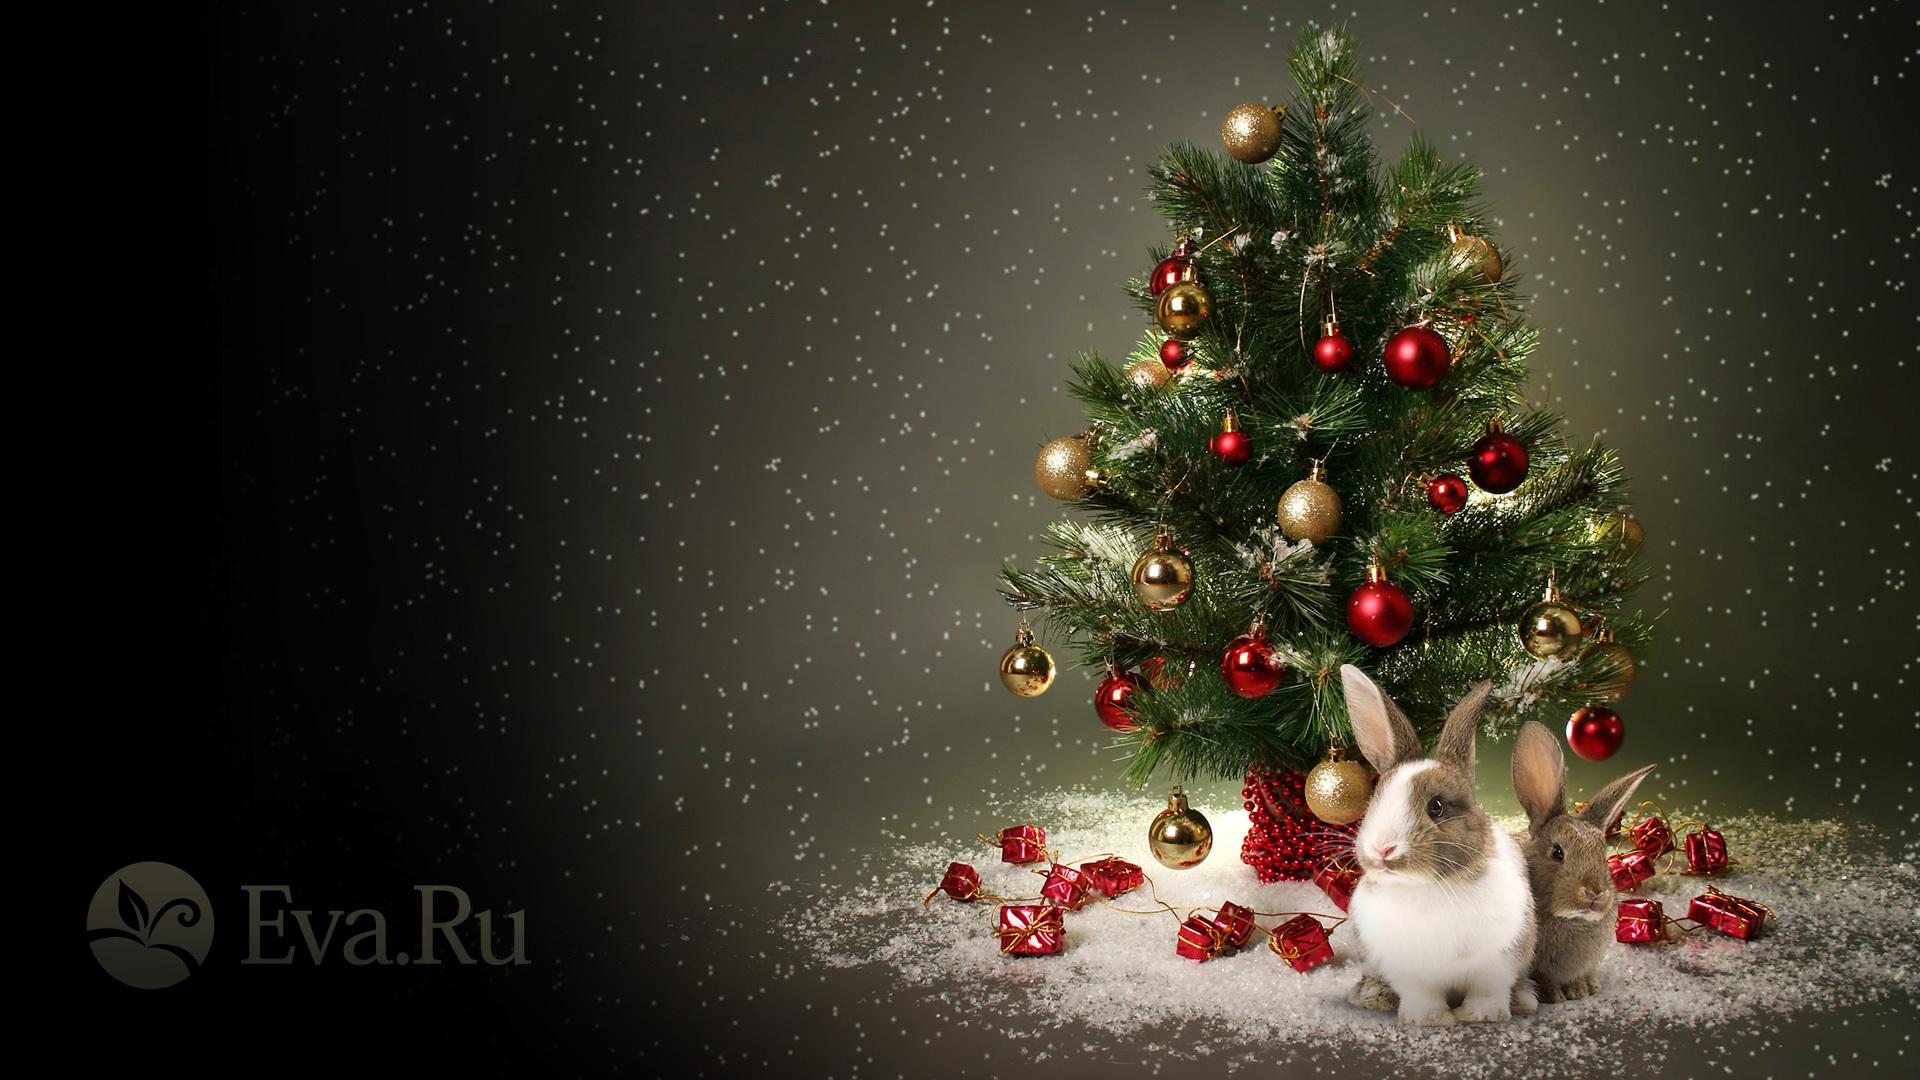 14078 скачать обои Праздники, Новый Год (New Year), Елки, Рождество (Christmas, Xmas) - заставки и картинки бесплатно